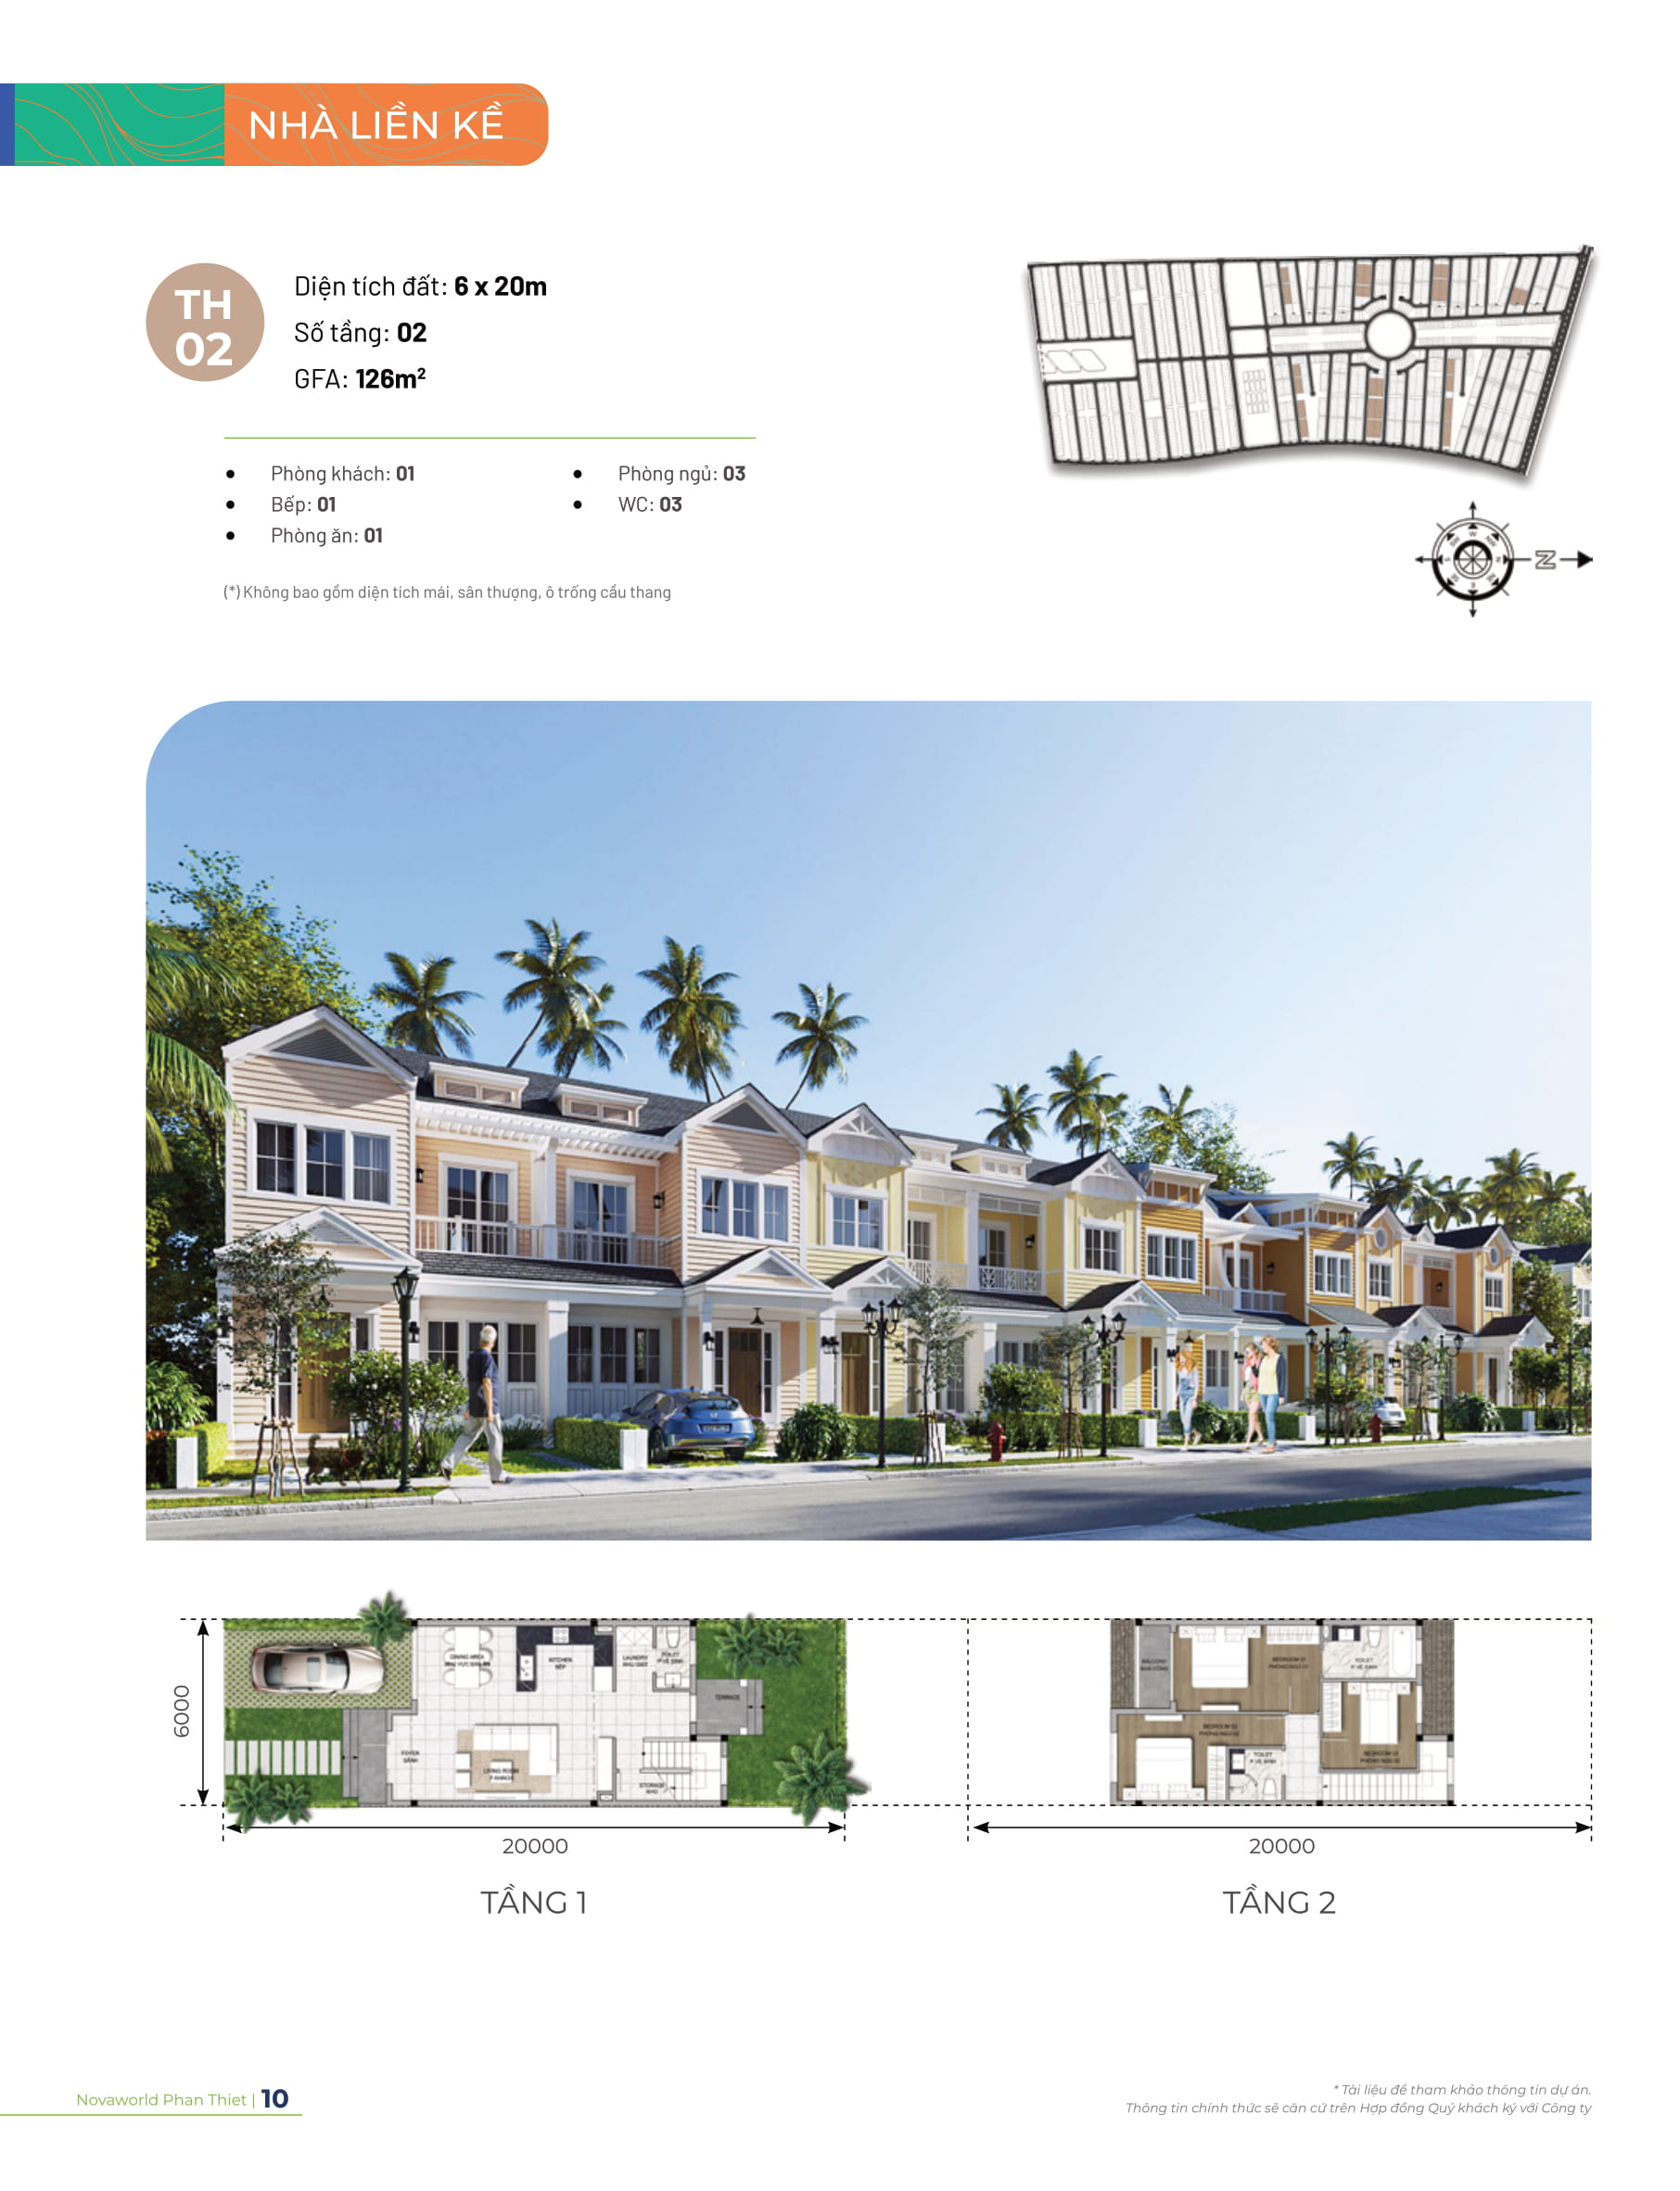 mb-nwp-plans-4b-210820-09